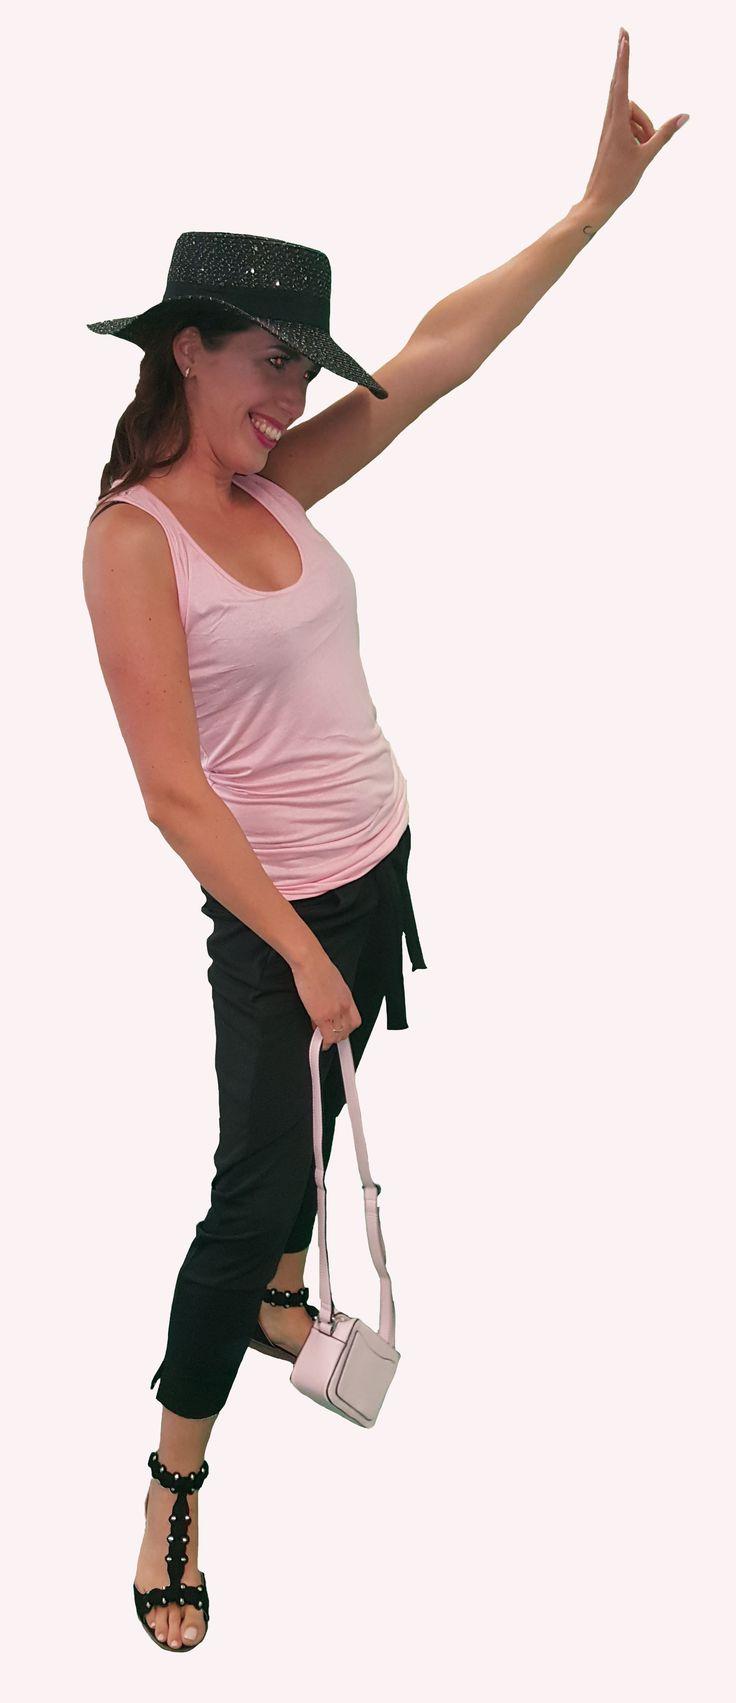 Scoor de complete outfit Beware of the Back inclusief 10% korting voor maar € 102,95 compleet met hemdje met kanten rug, zwarte broek, hoed, sandalen en roze tas. GRATIS VERZENDING!!